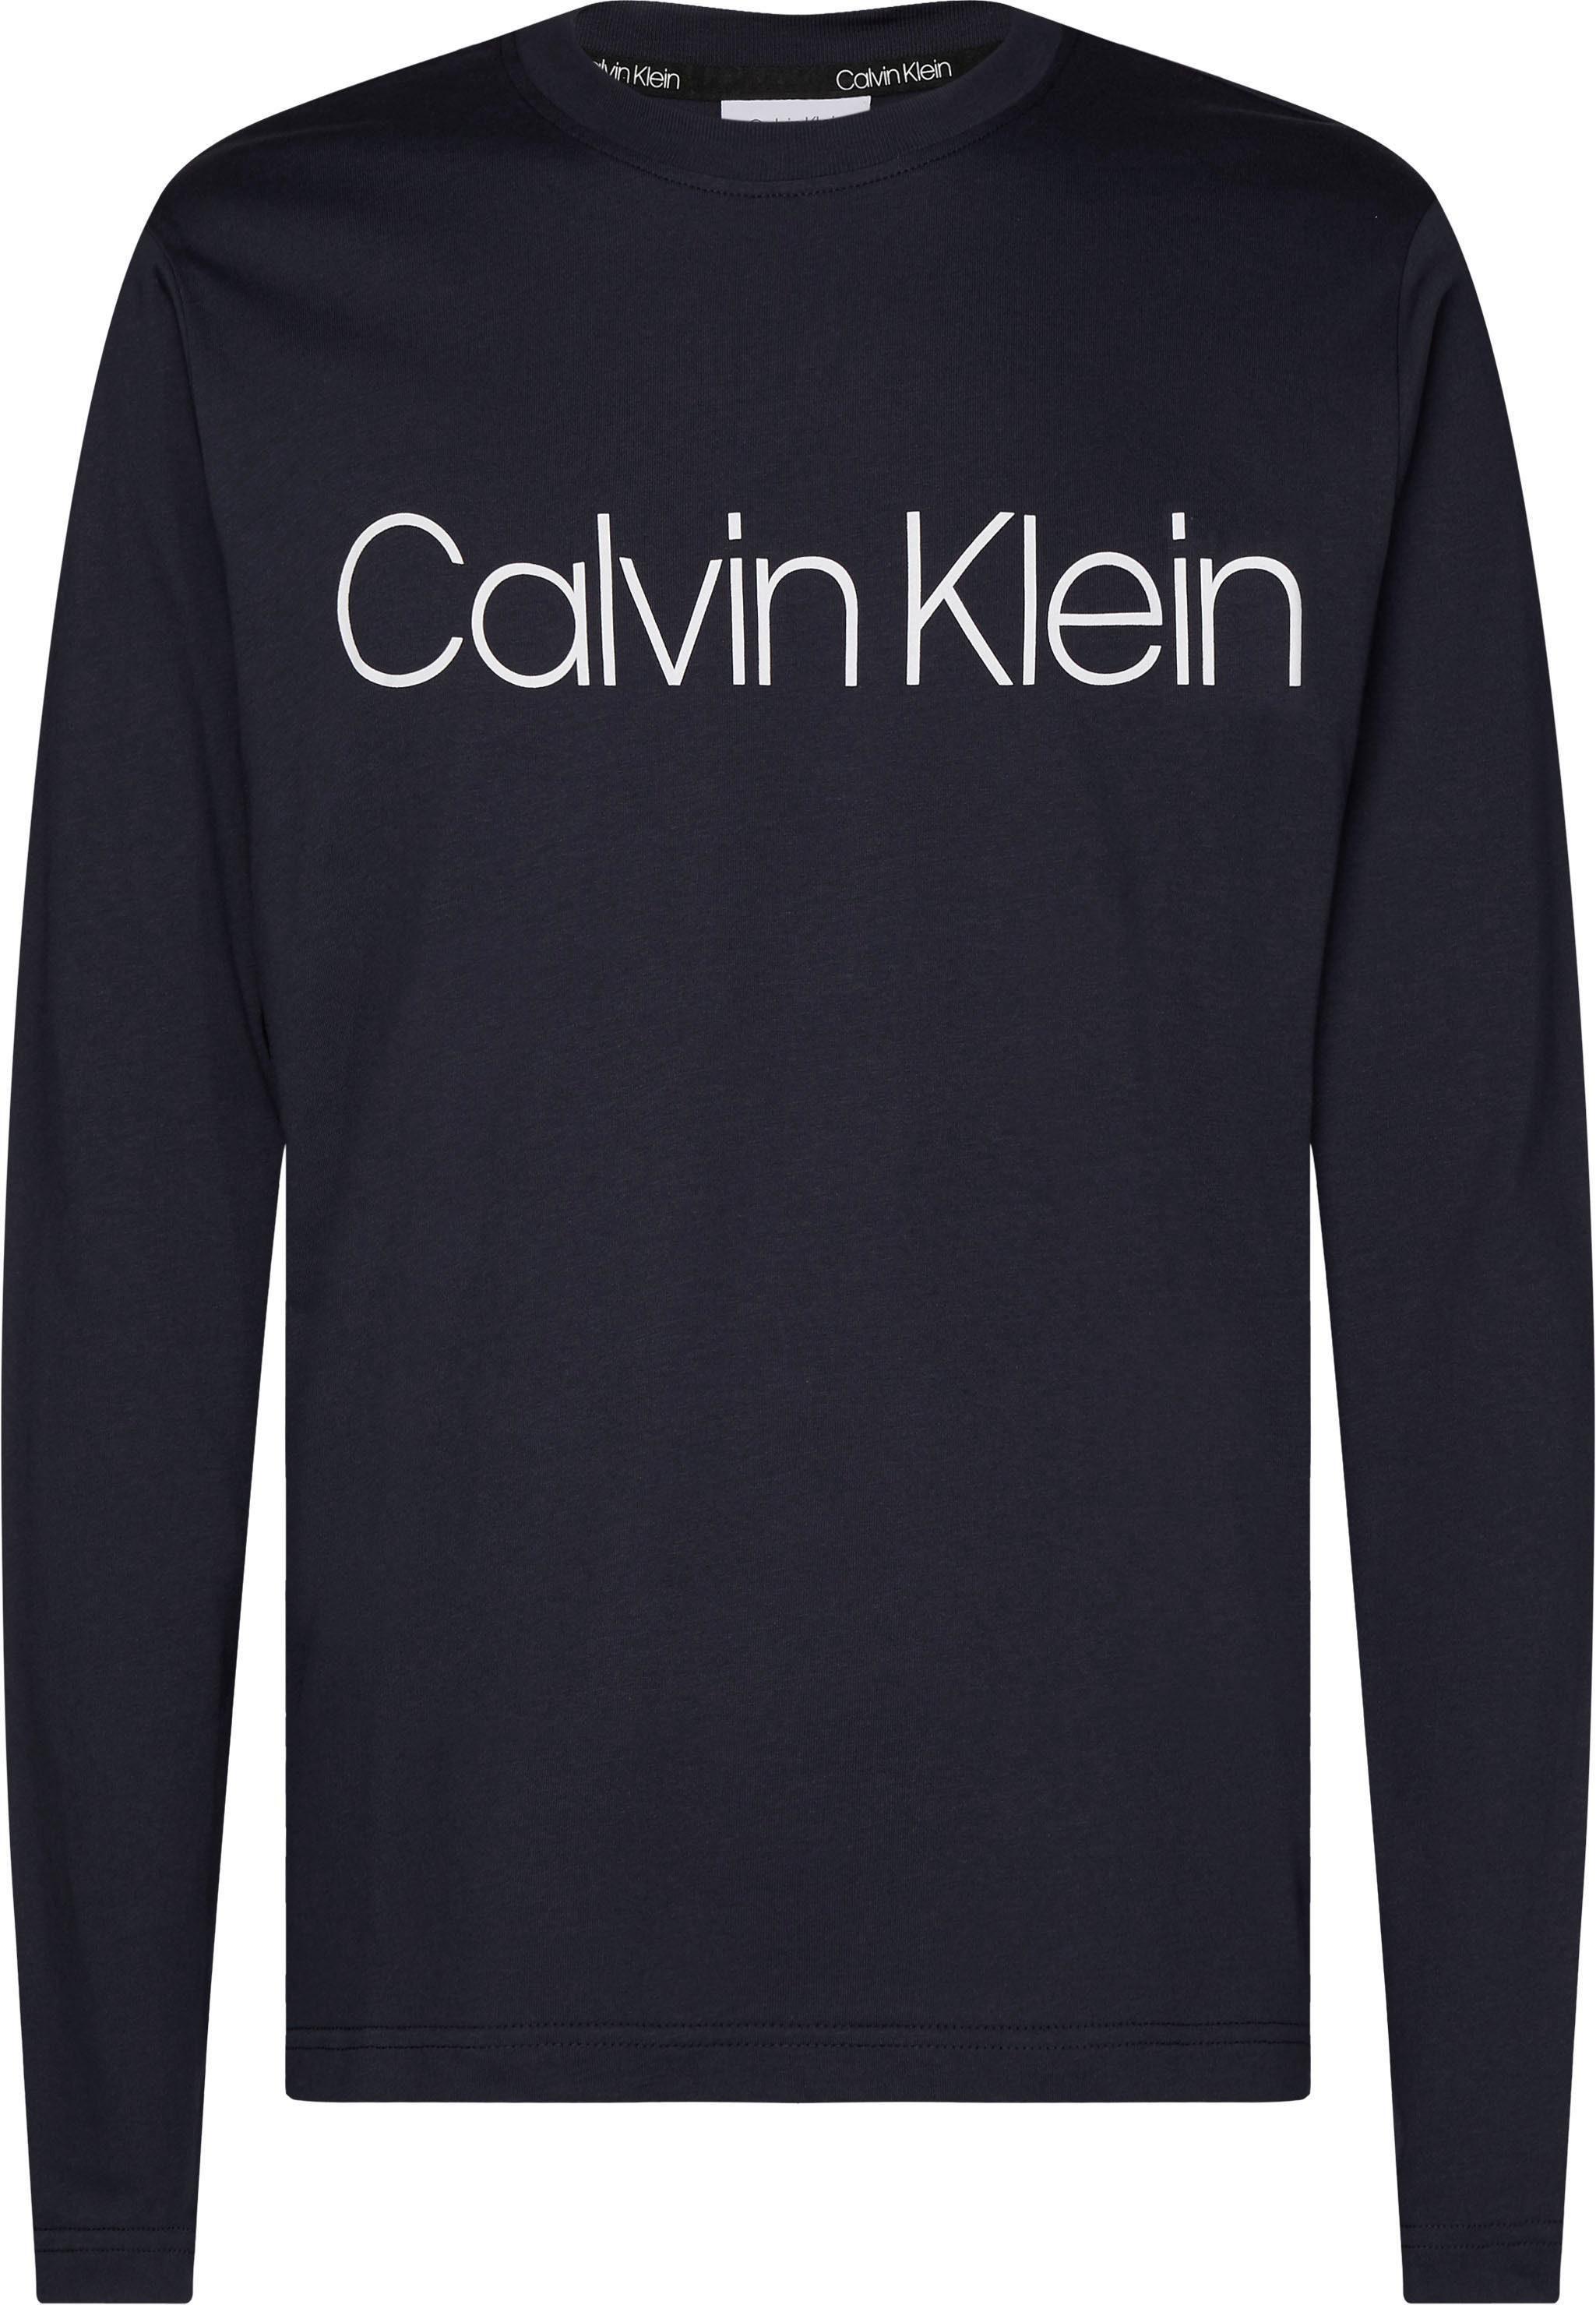 calvin klein -  Langarmshirt